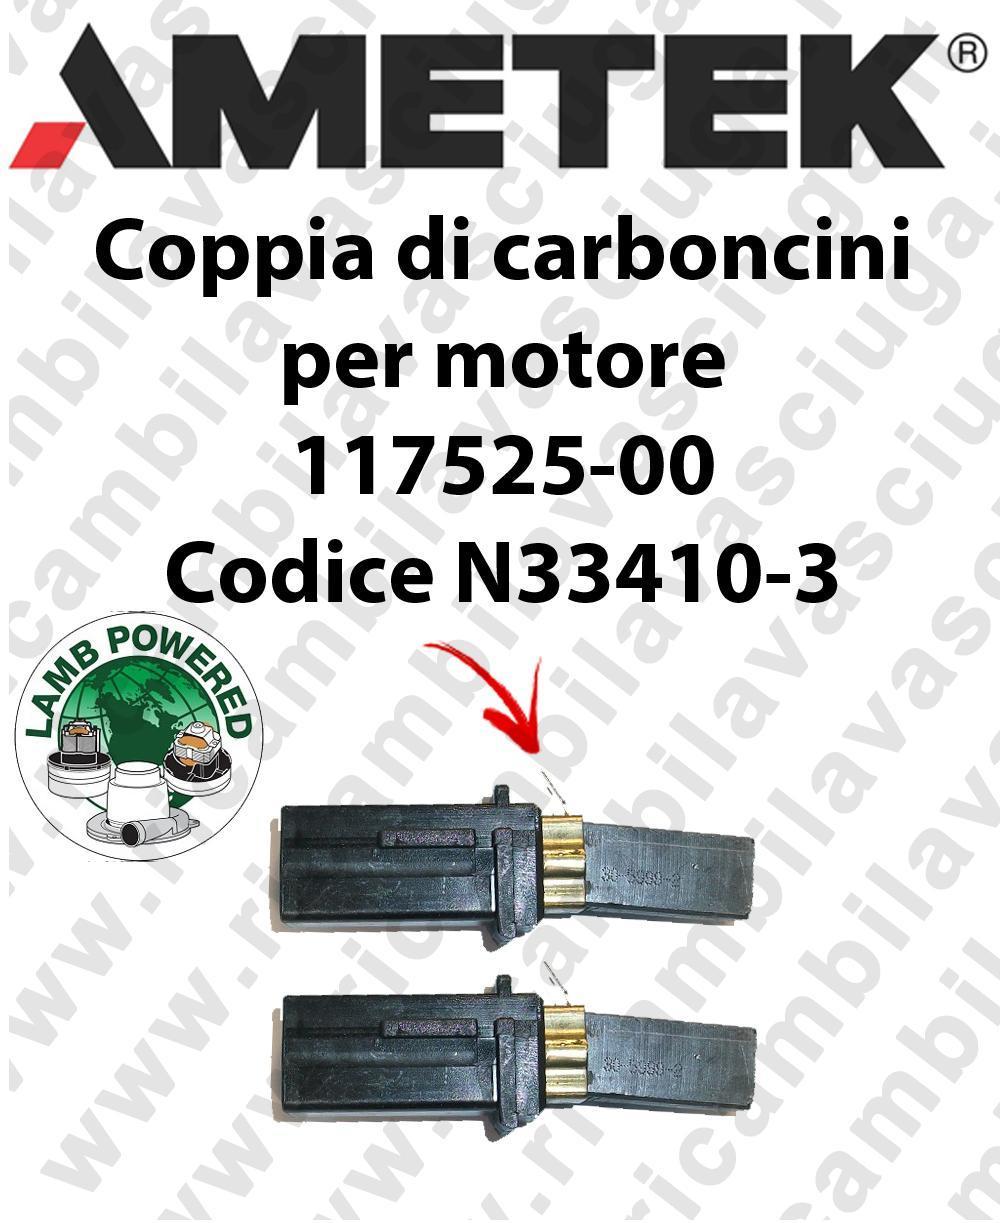 Couple du Carbon MOTEUR ASPIRATION pour MOTEUR LAMB AMETEK 117525-00 cod. N33410-3